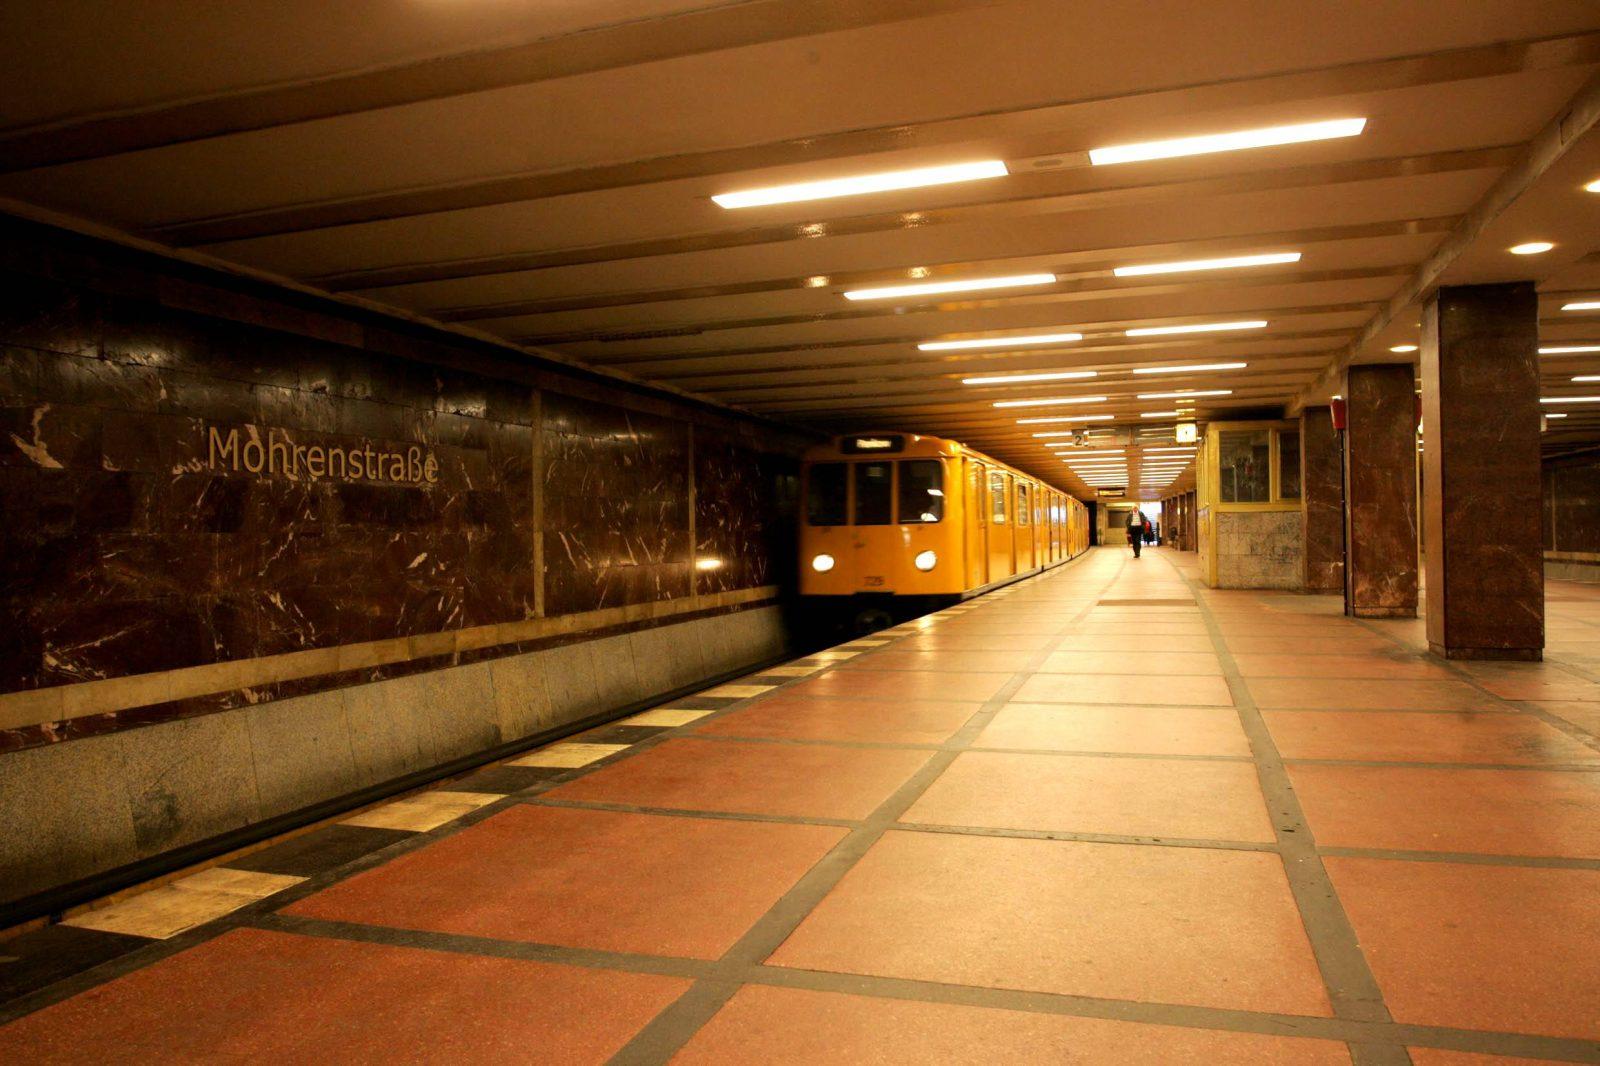 Sehr umstritten ist der Name dieser in Mitte gelegenen U-Bahnstation.